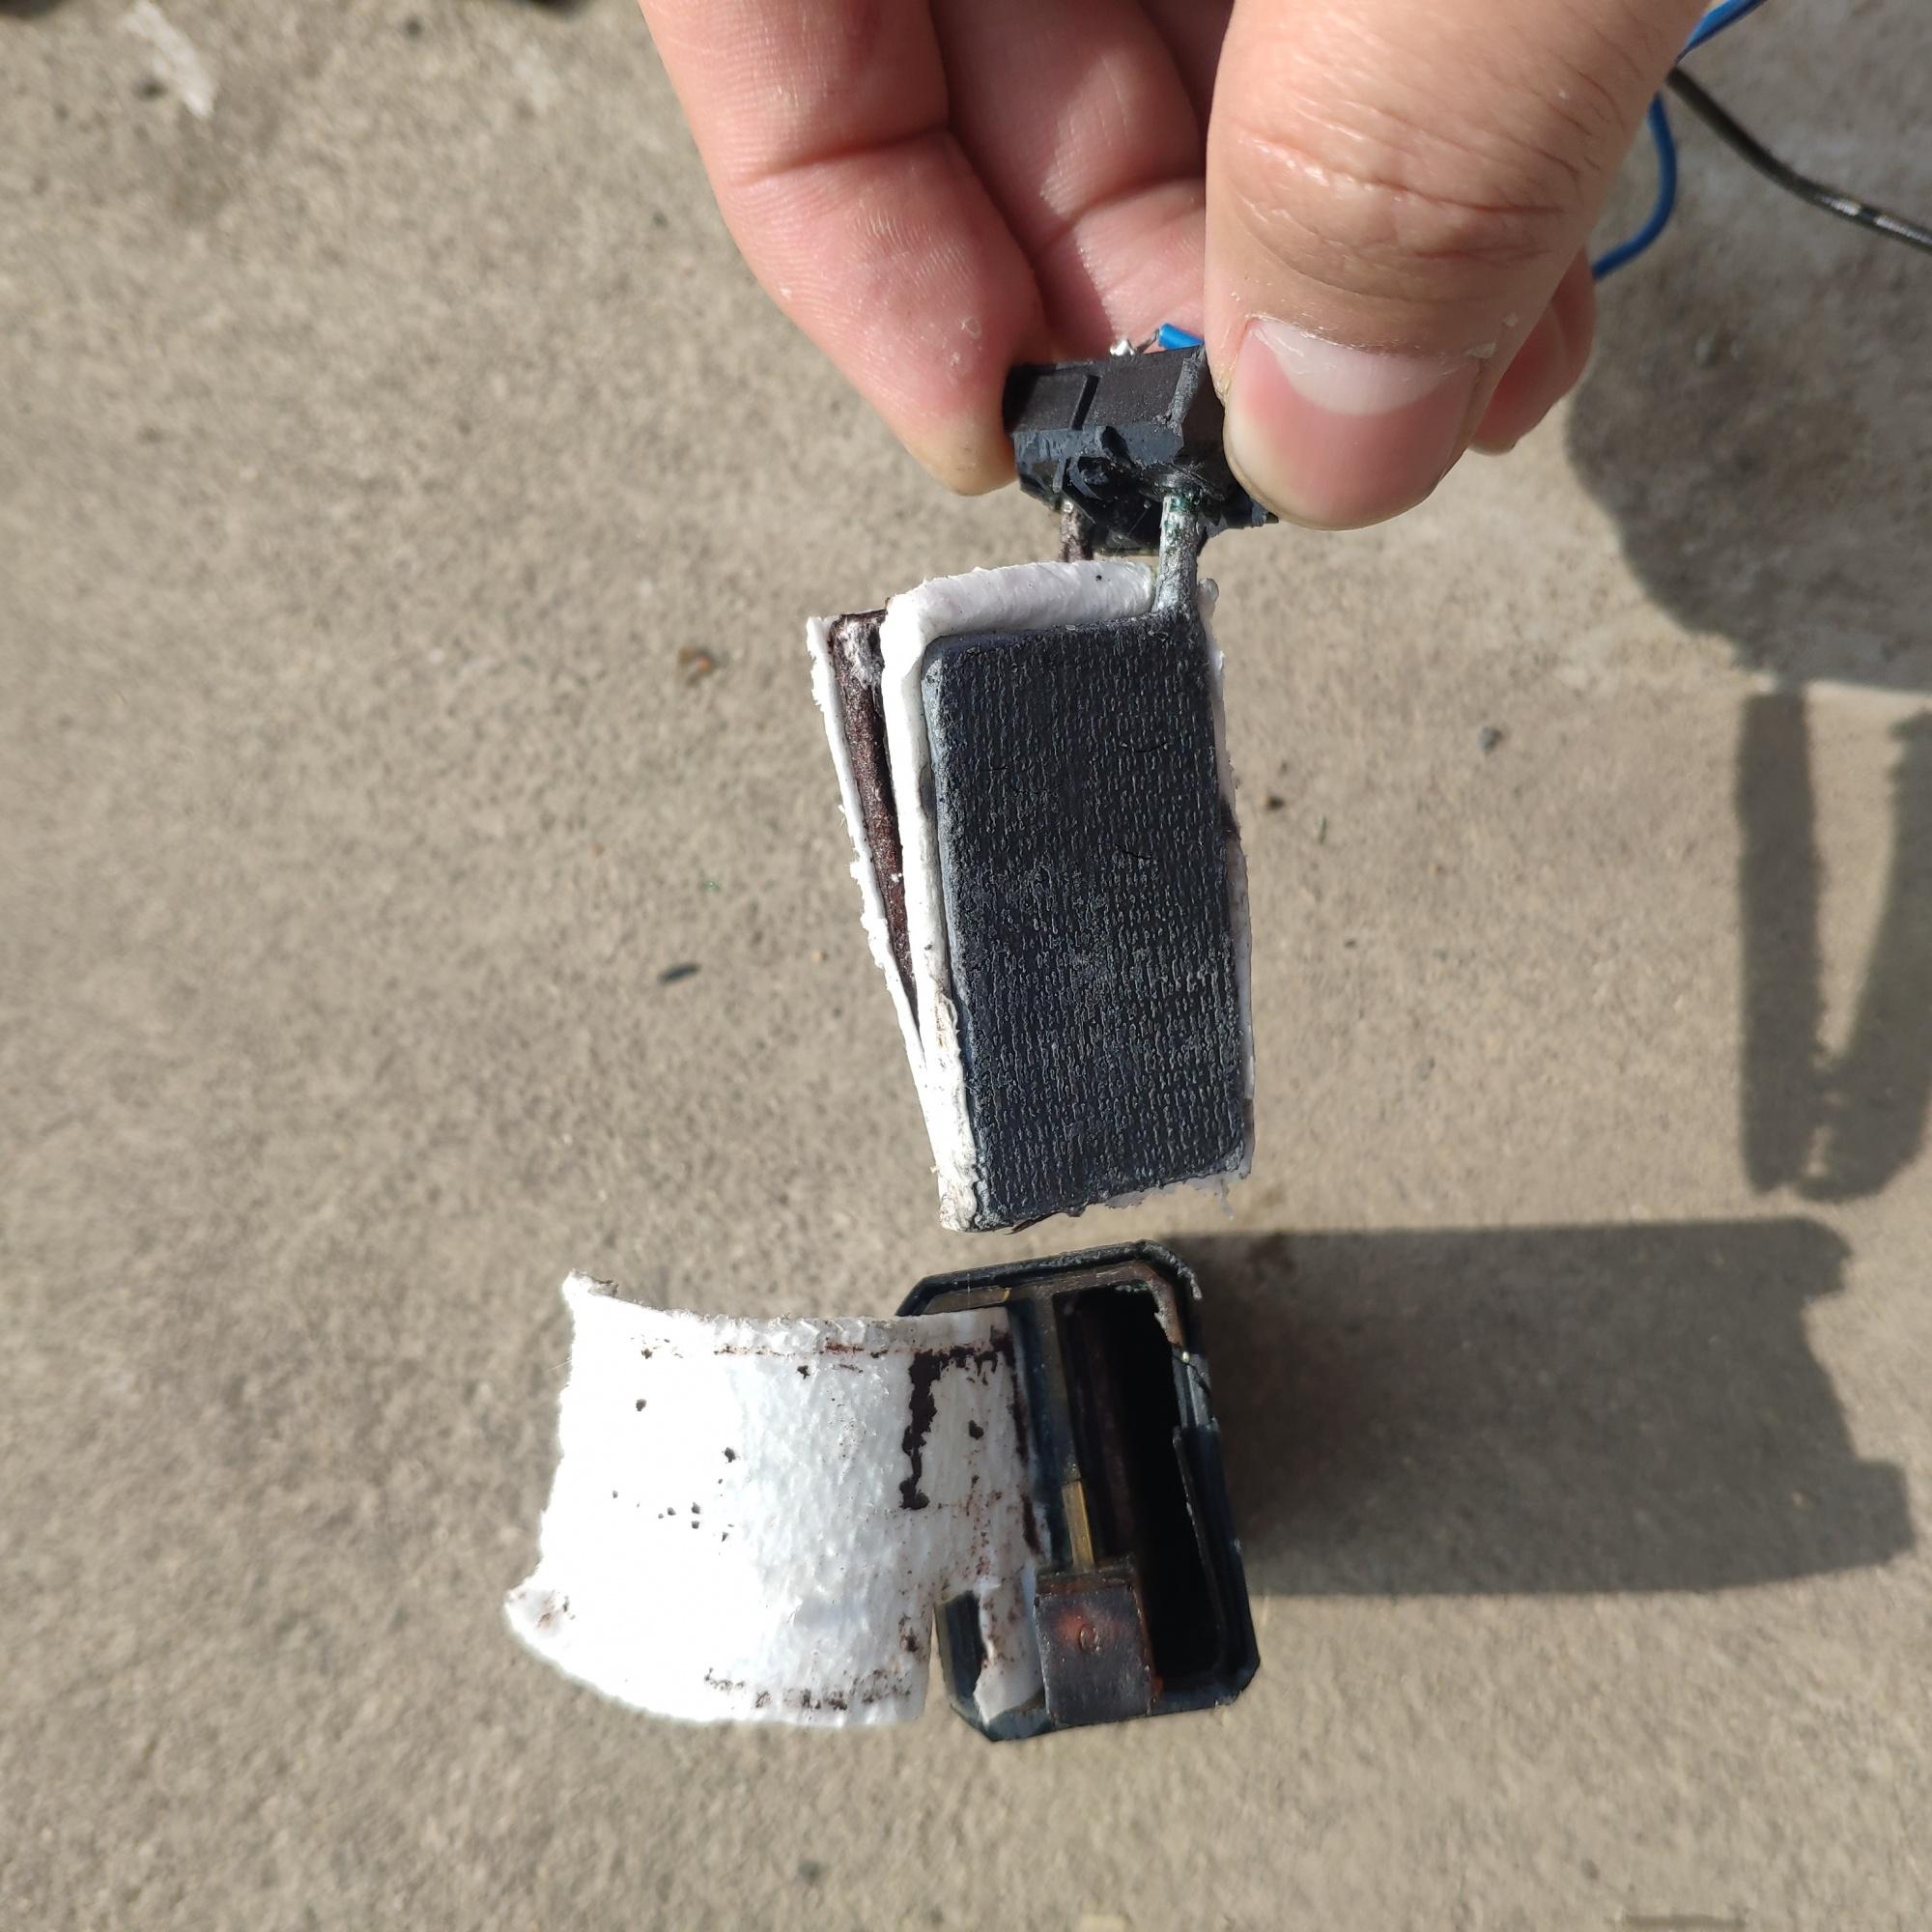 手电筒拆卸下来的一块可充电电池,请问看内部构造是锂电池吗?